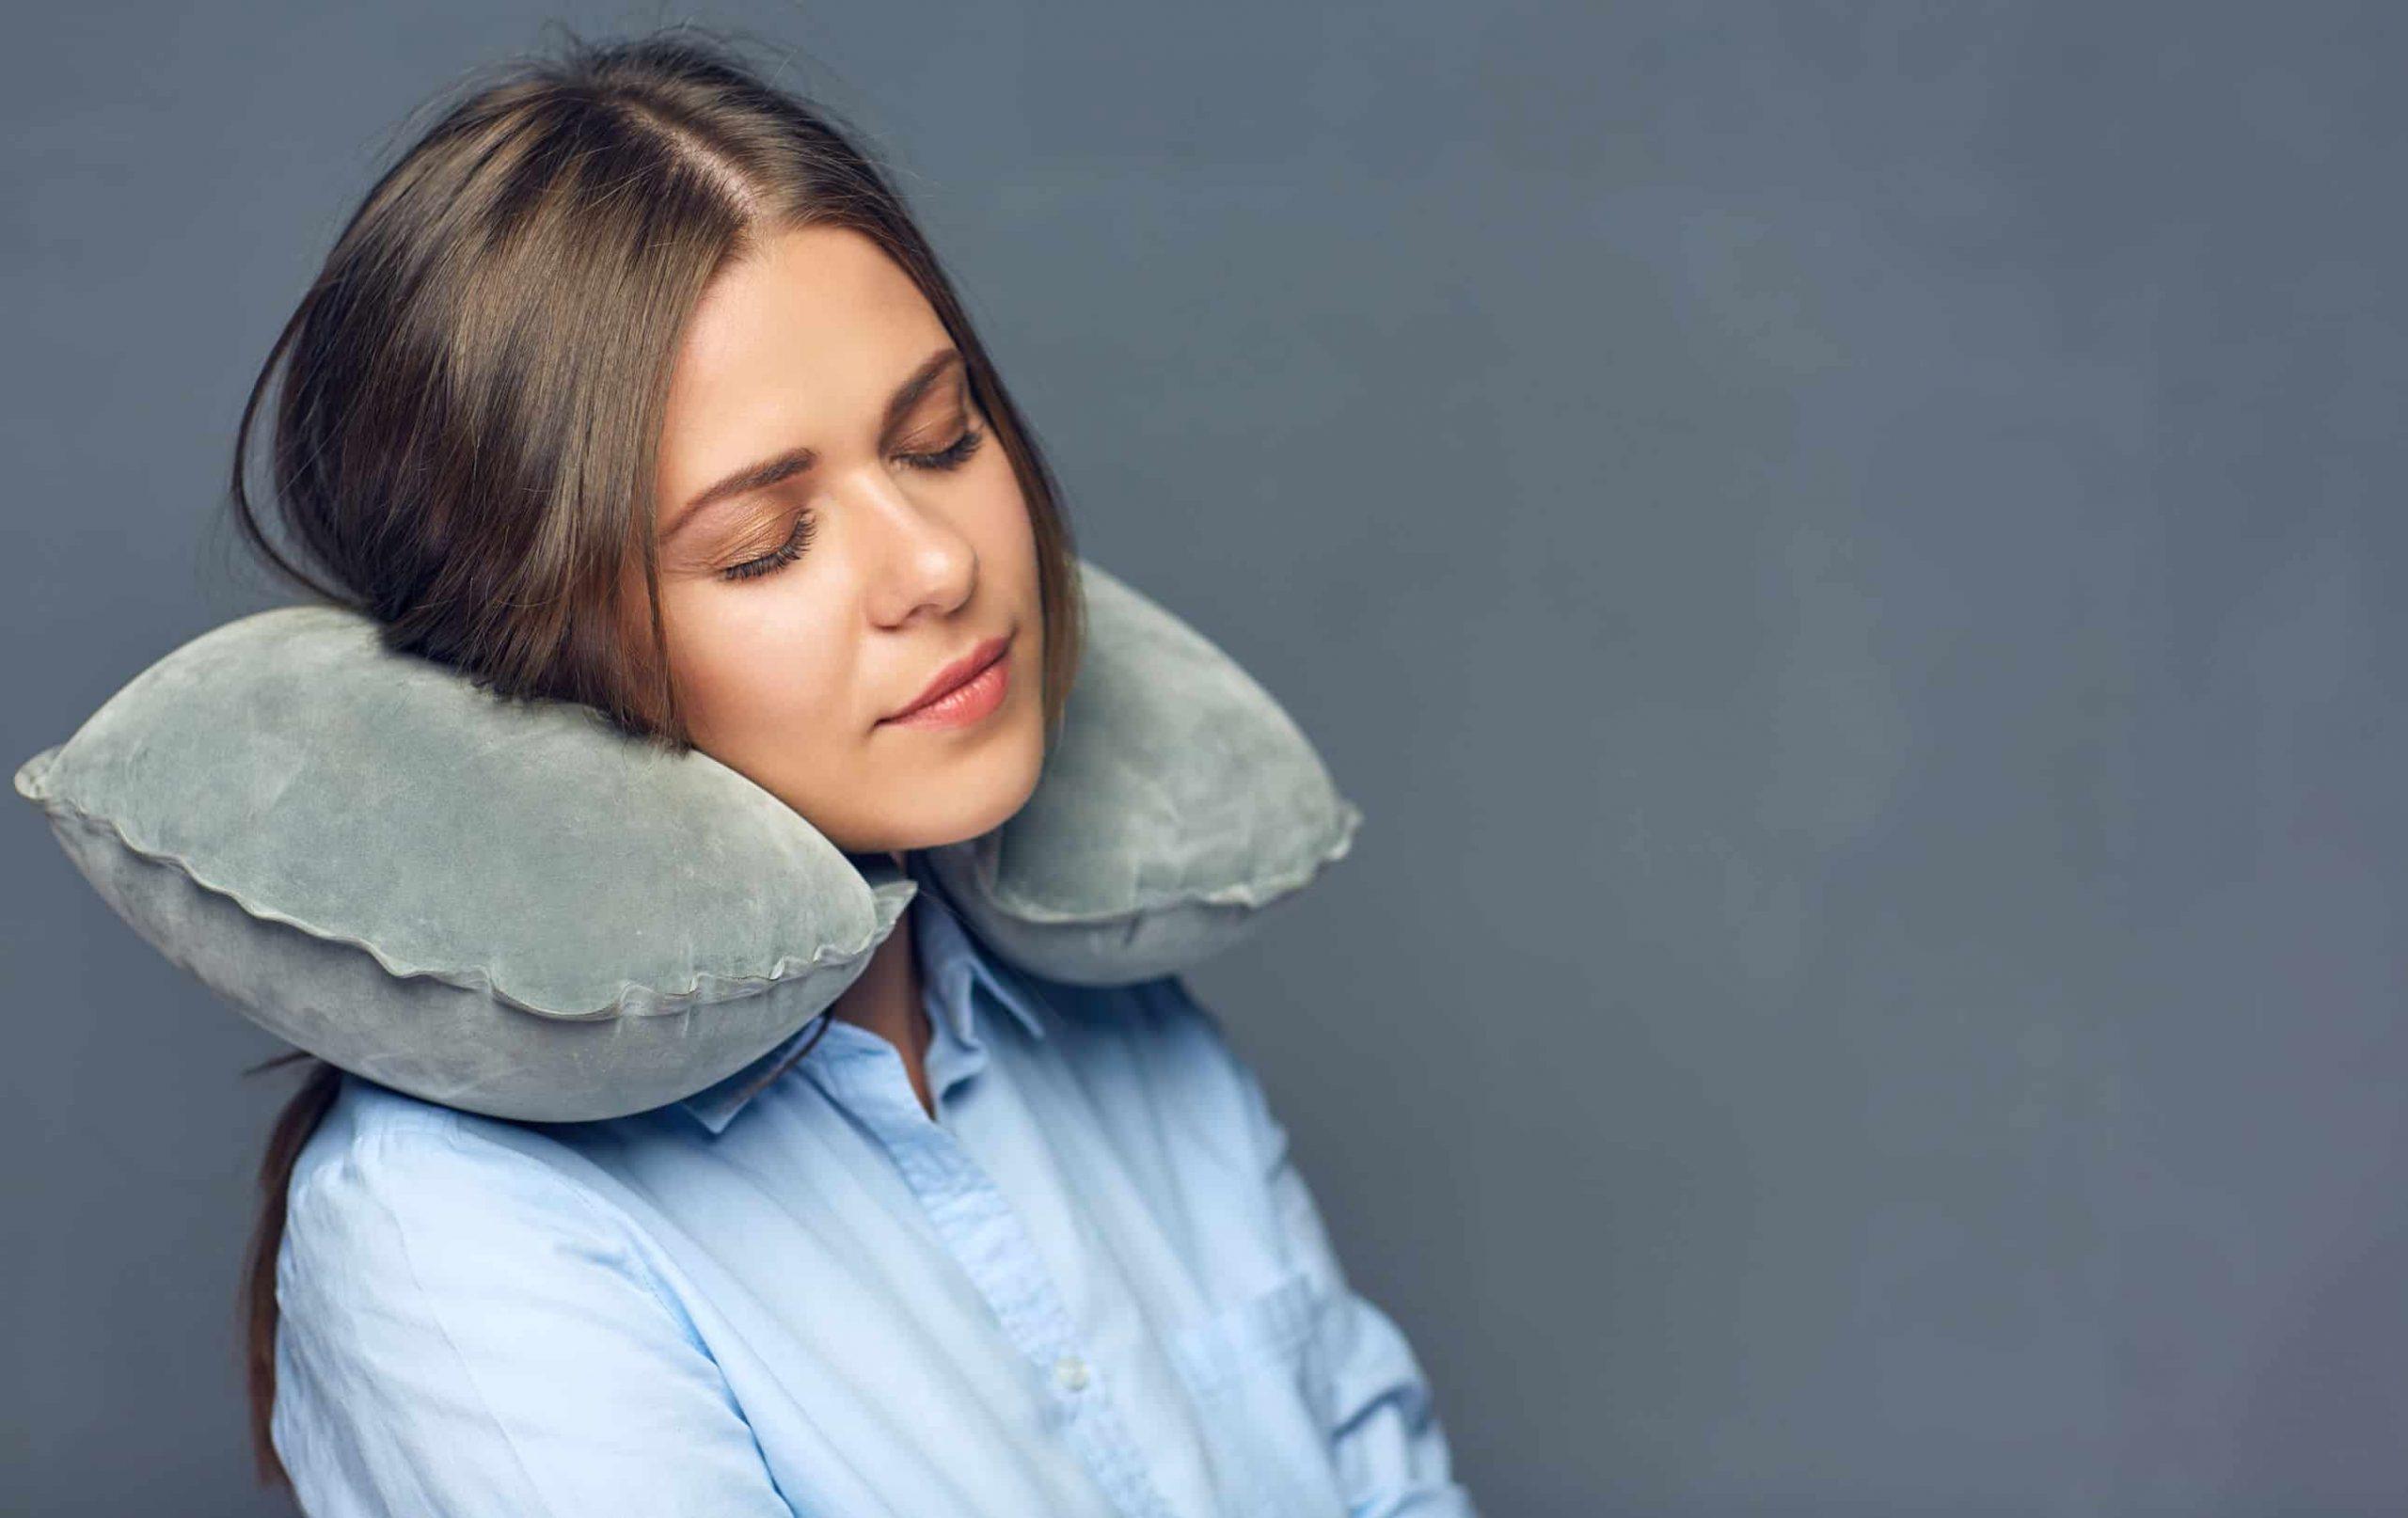 Imagem de mulher utilizando um travesseiro de pescoço.